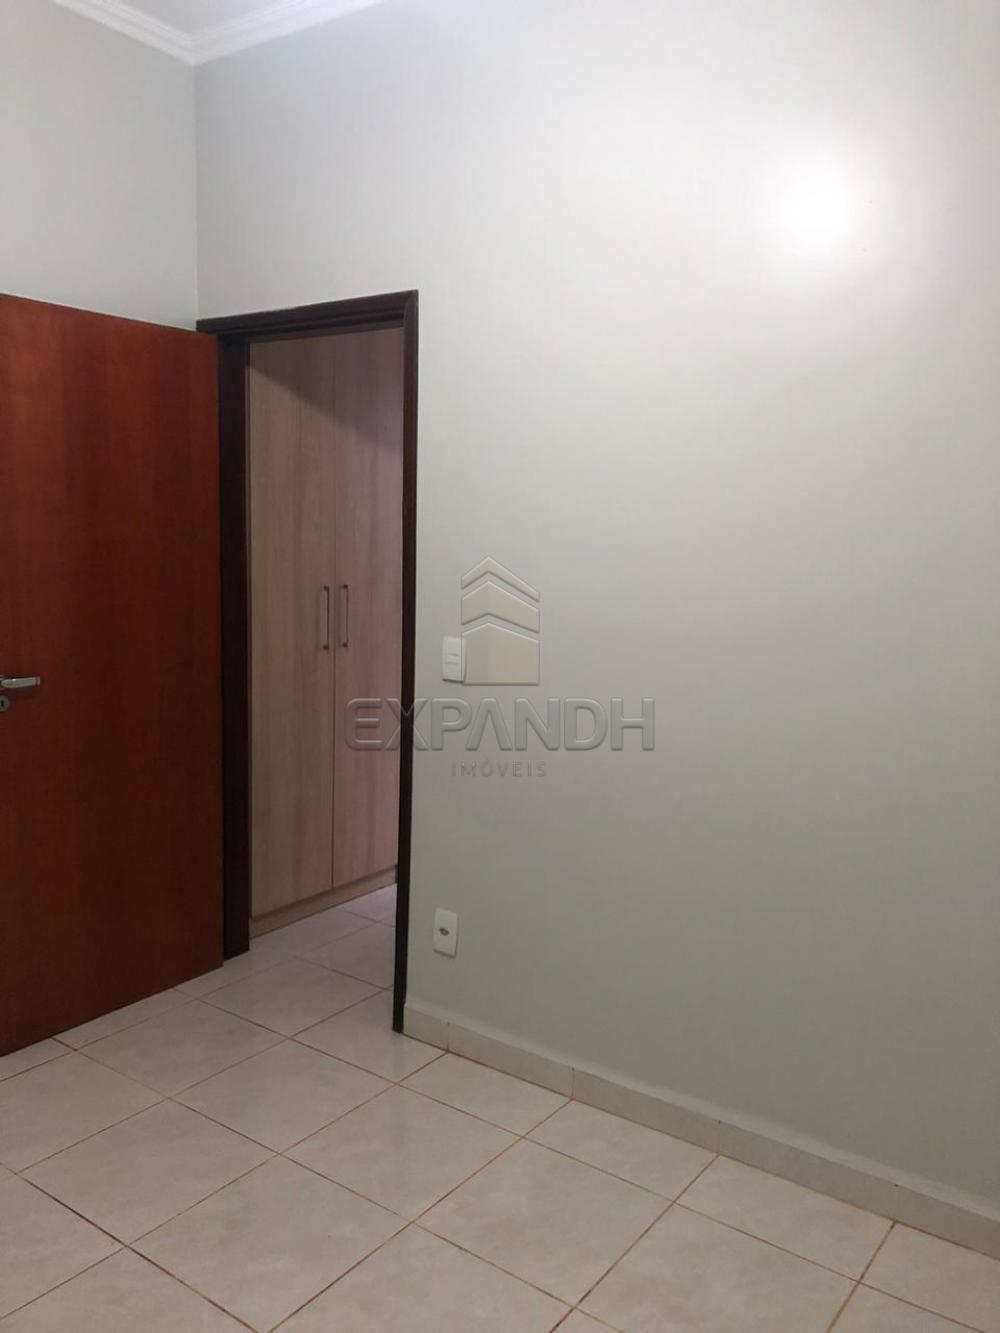 Alugar Casas / Padrão em Sertãozinho R$ 1.250,00 - Foto 17